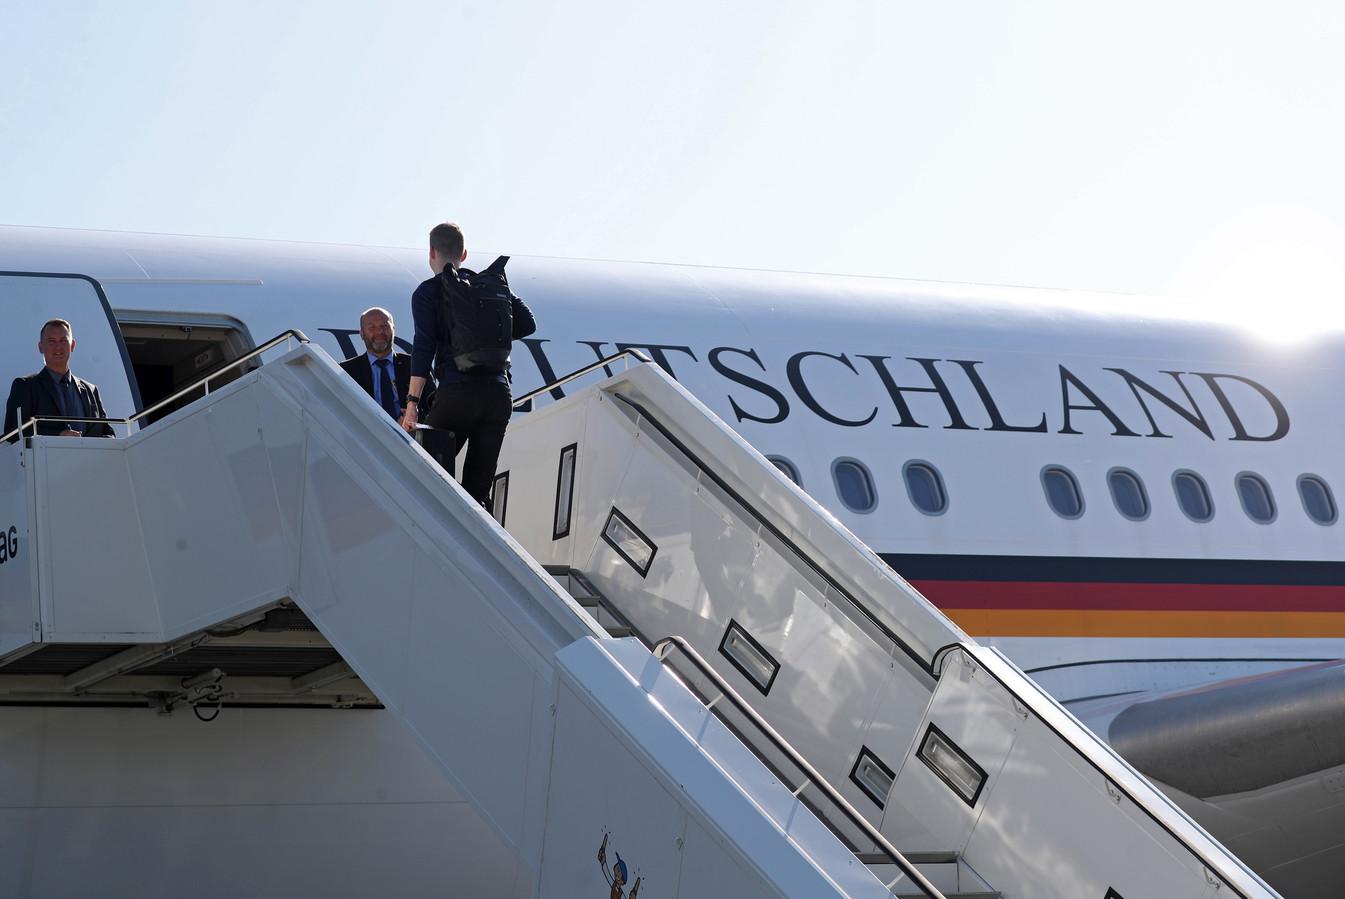 Duitse journalisten gaan aan boord van de Airbus A340 van de luchtmacht die vanmiddag naar new York vertrok met bondskanselier Merkel en minister van Economische Samenwerking en Ontwikkeling Gerd Müller.